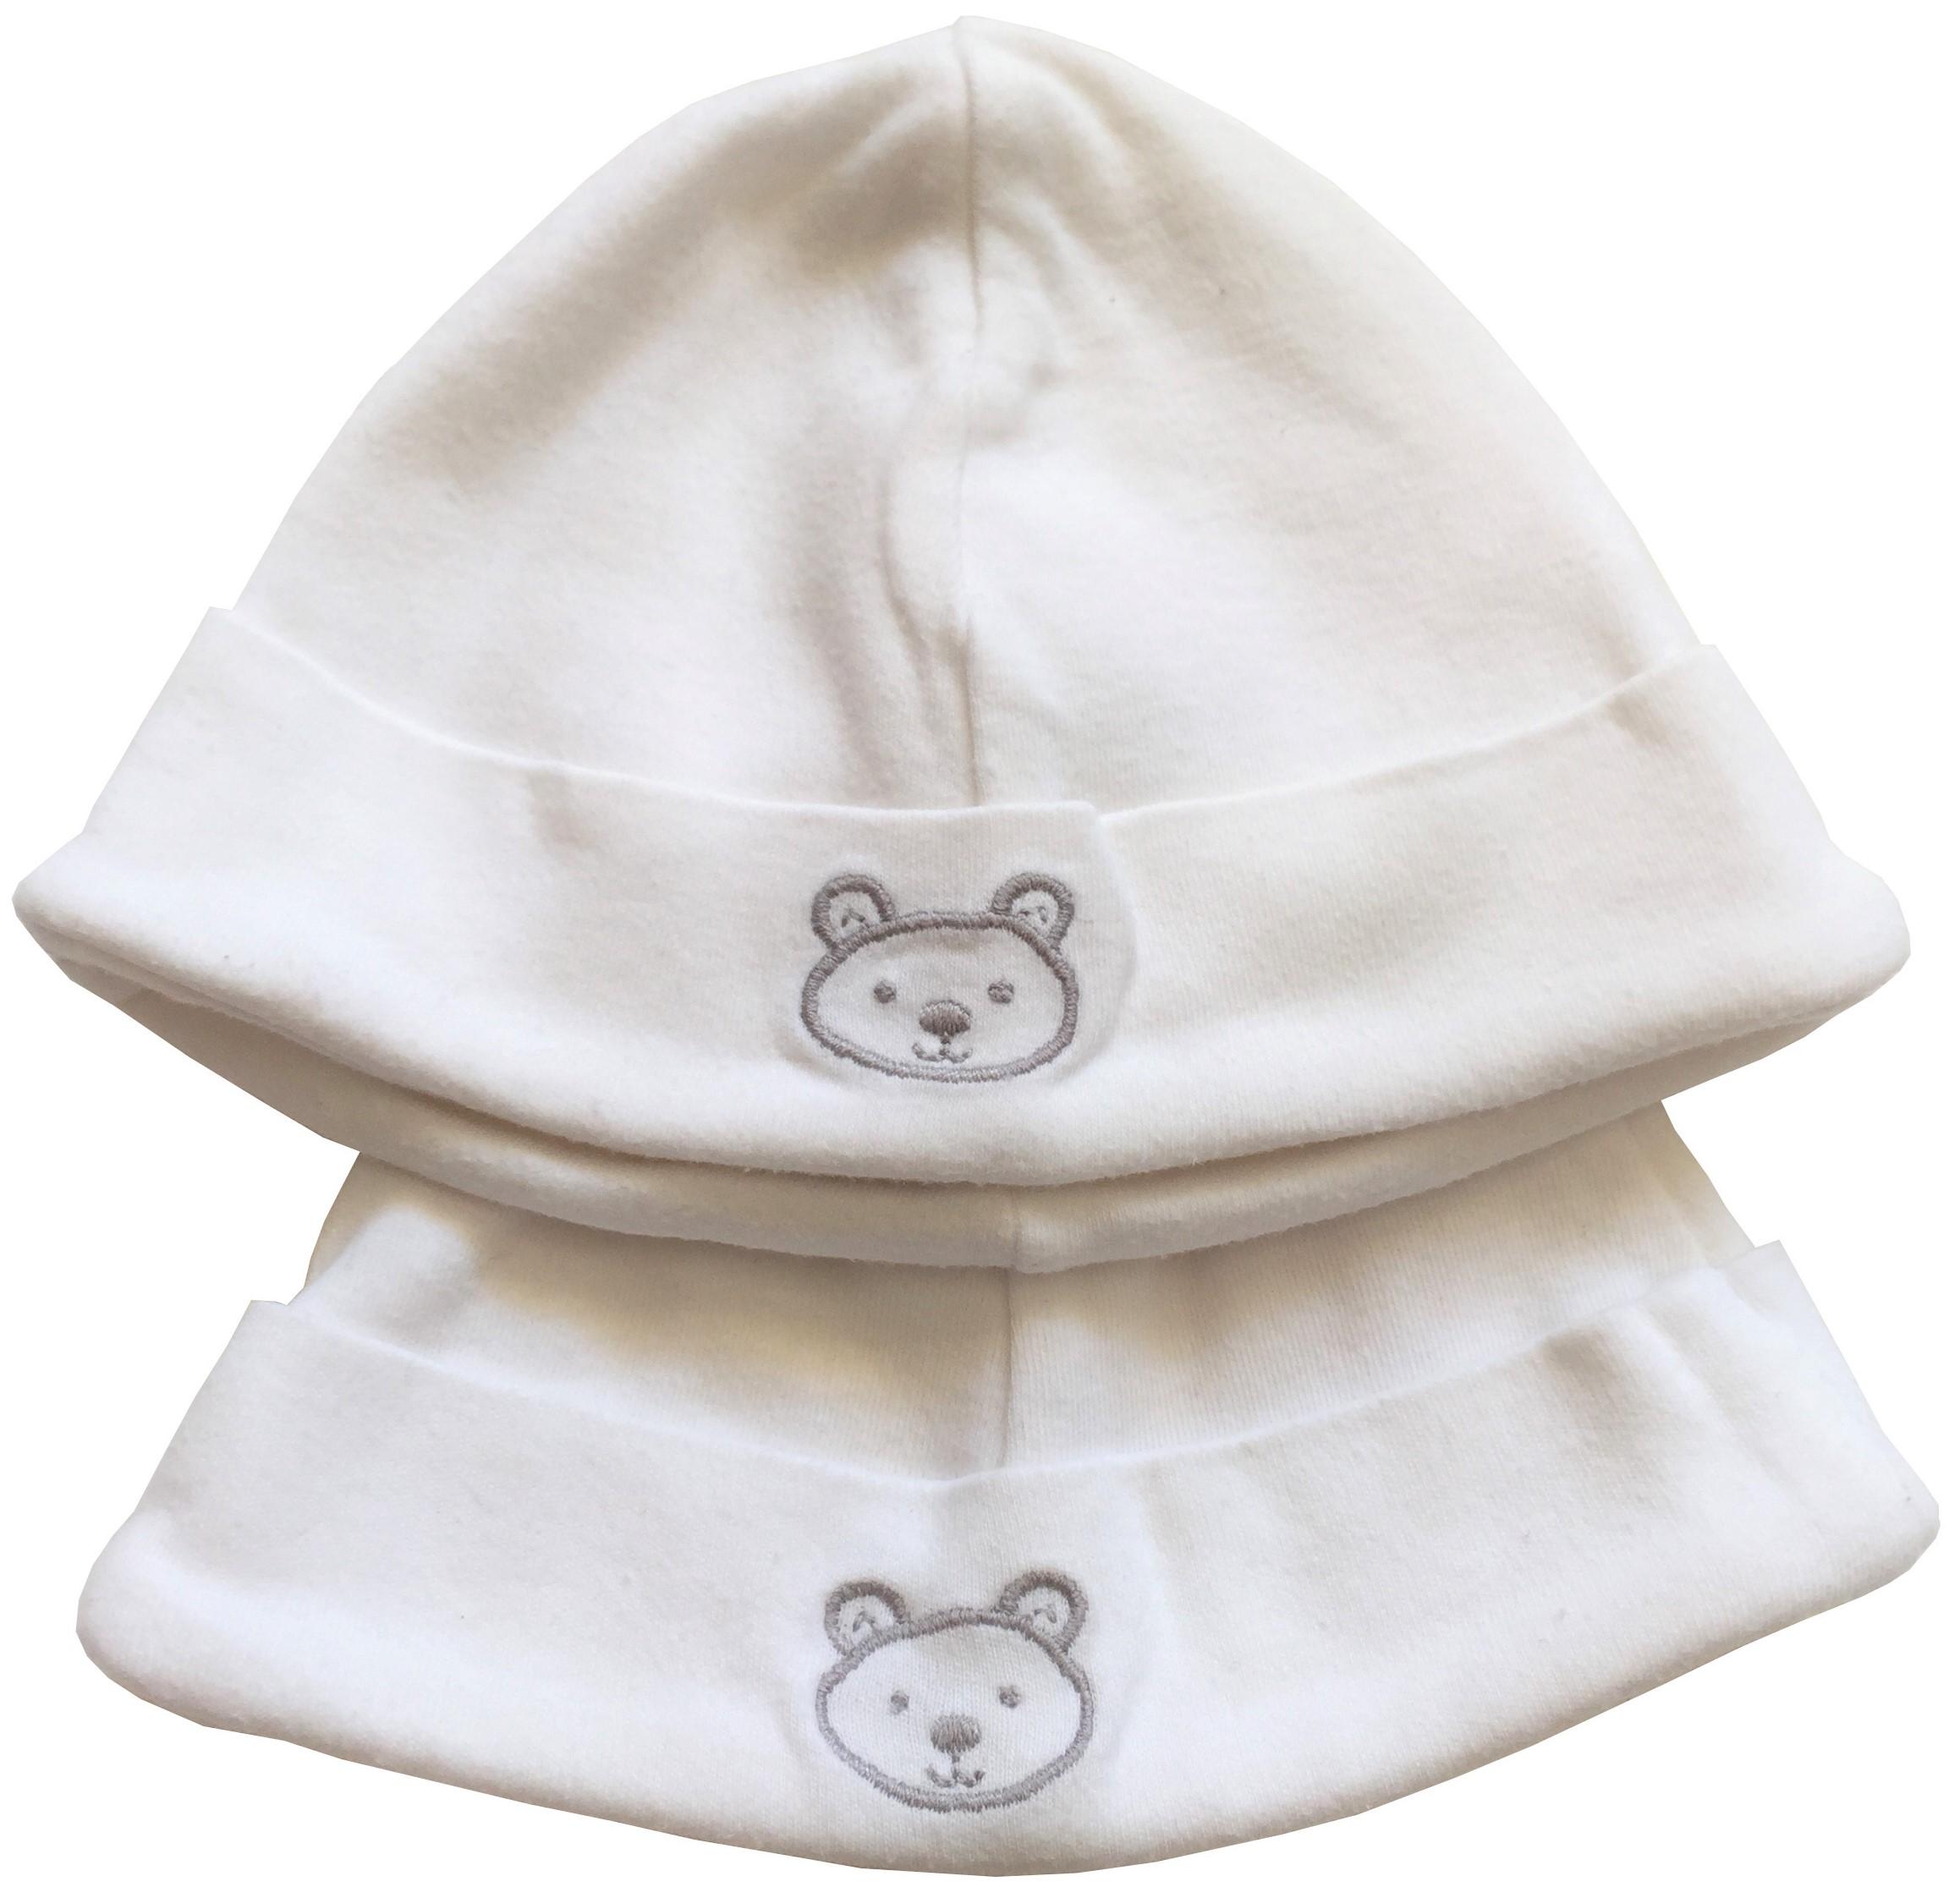 917499c457 bawełniane czapeczki dla niemowlaka F F - 7308771225 - oficjalne ...